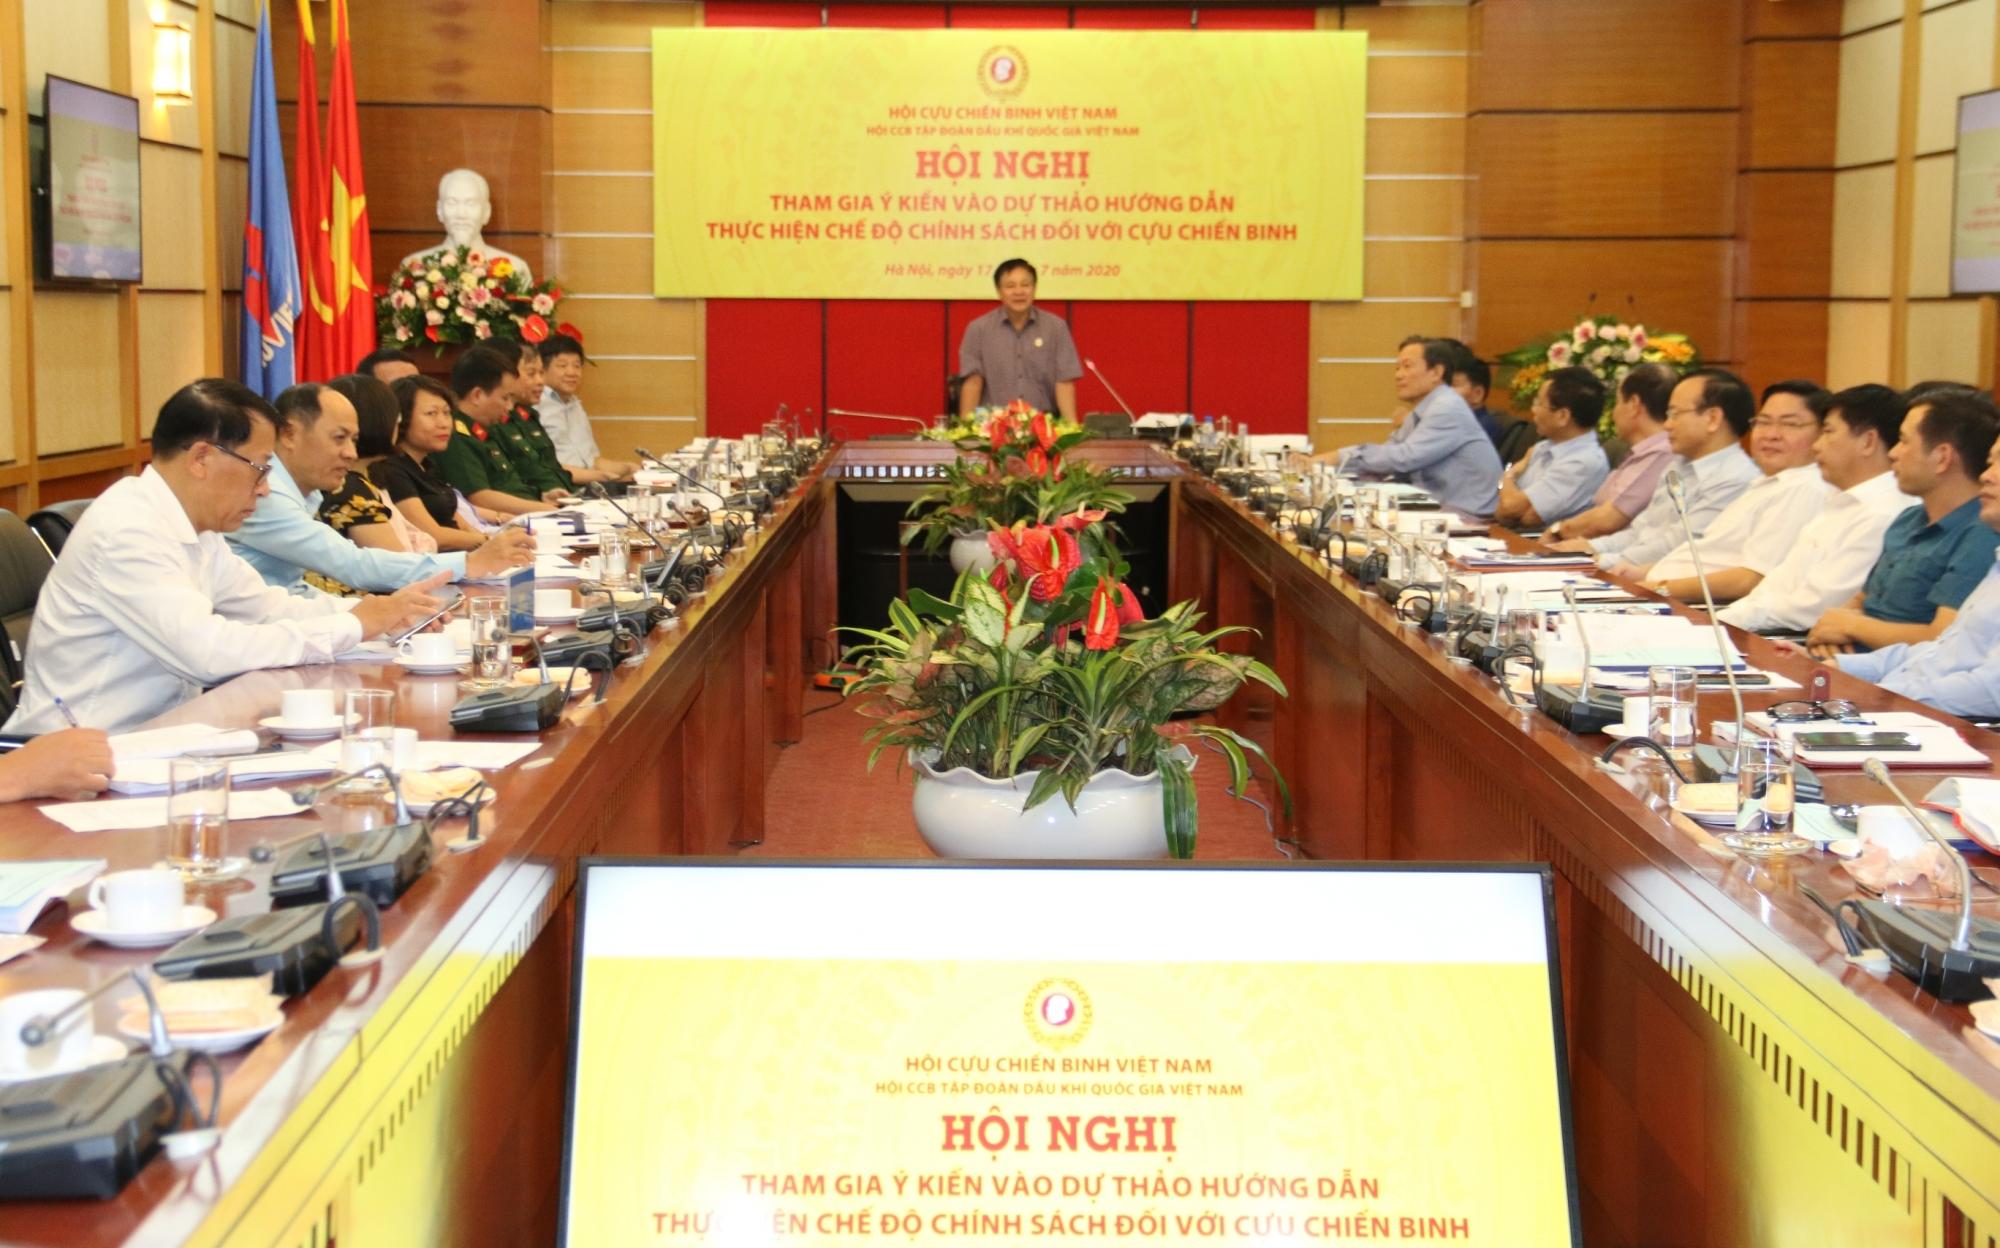 Hội CCB Tập đoàn tích cực đóng góp ý kiến vào dự thảo hướng dẫn thực hiện chế độ, chính sách đối với Cựu chiến binh